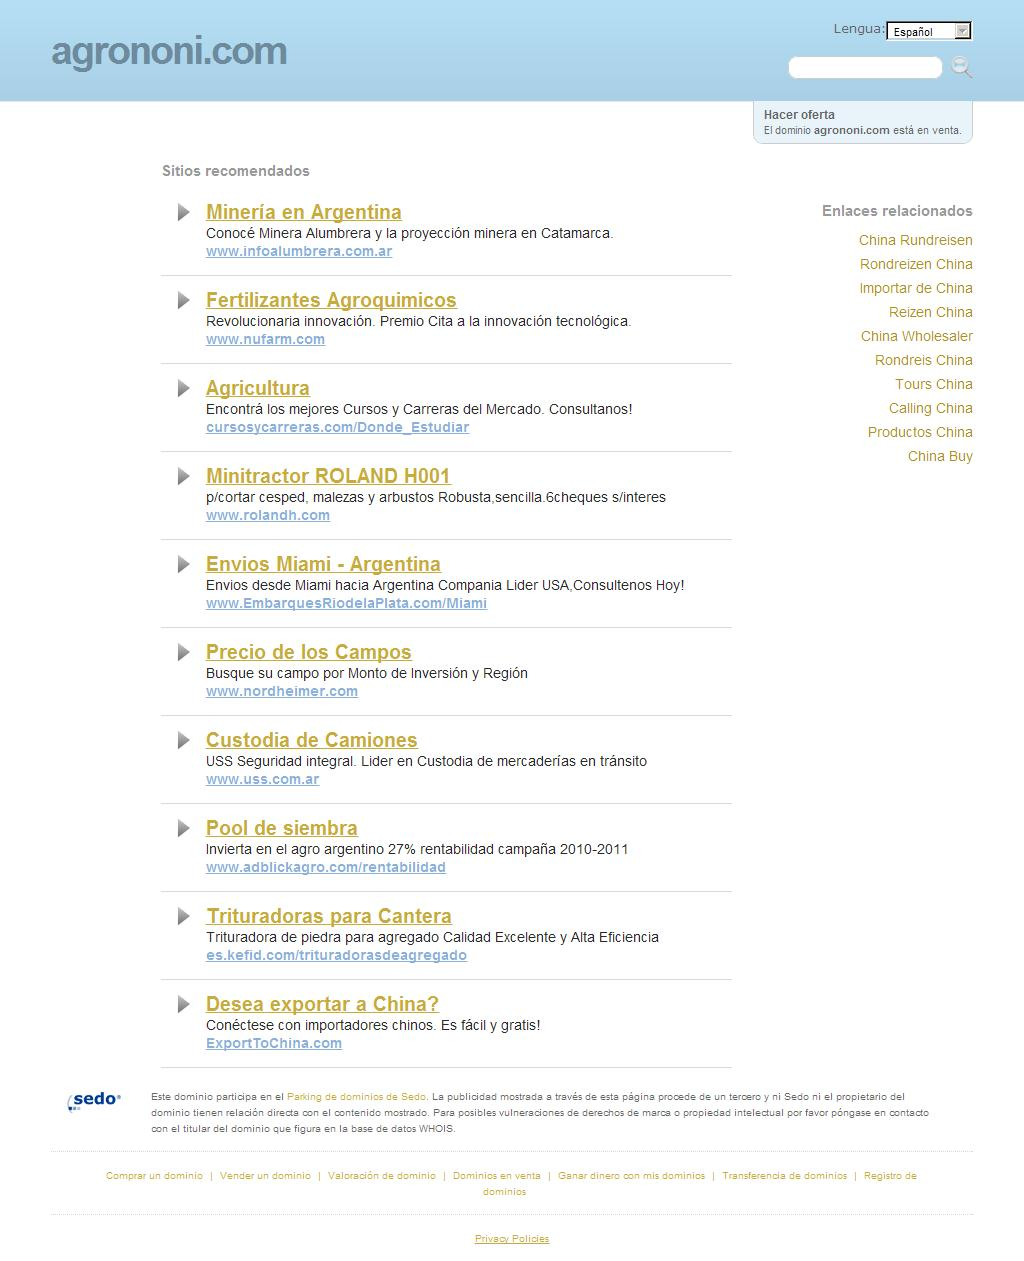 agrononi.com - La mejor información y recursos sobre agro noni. ¡Esta pagina está a la venta!